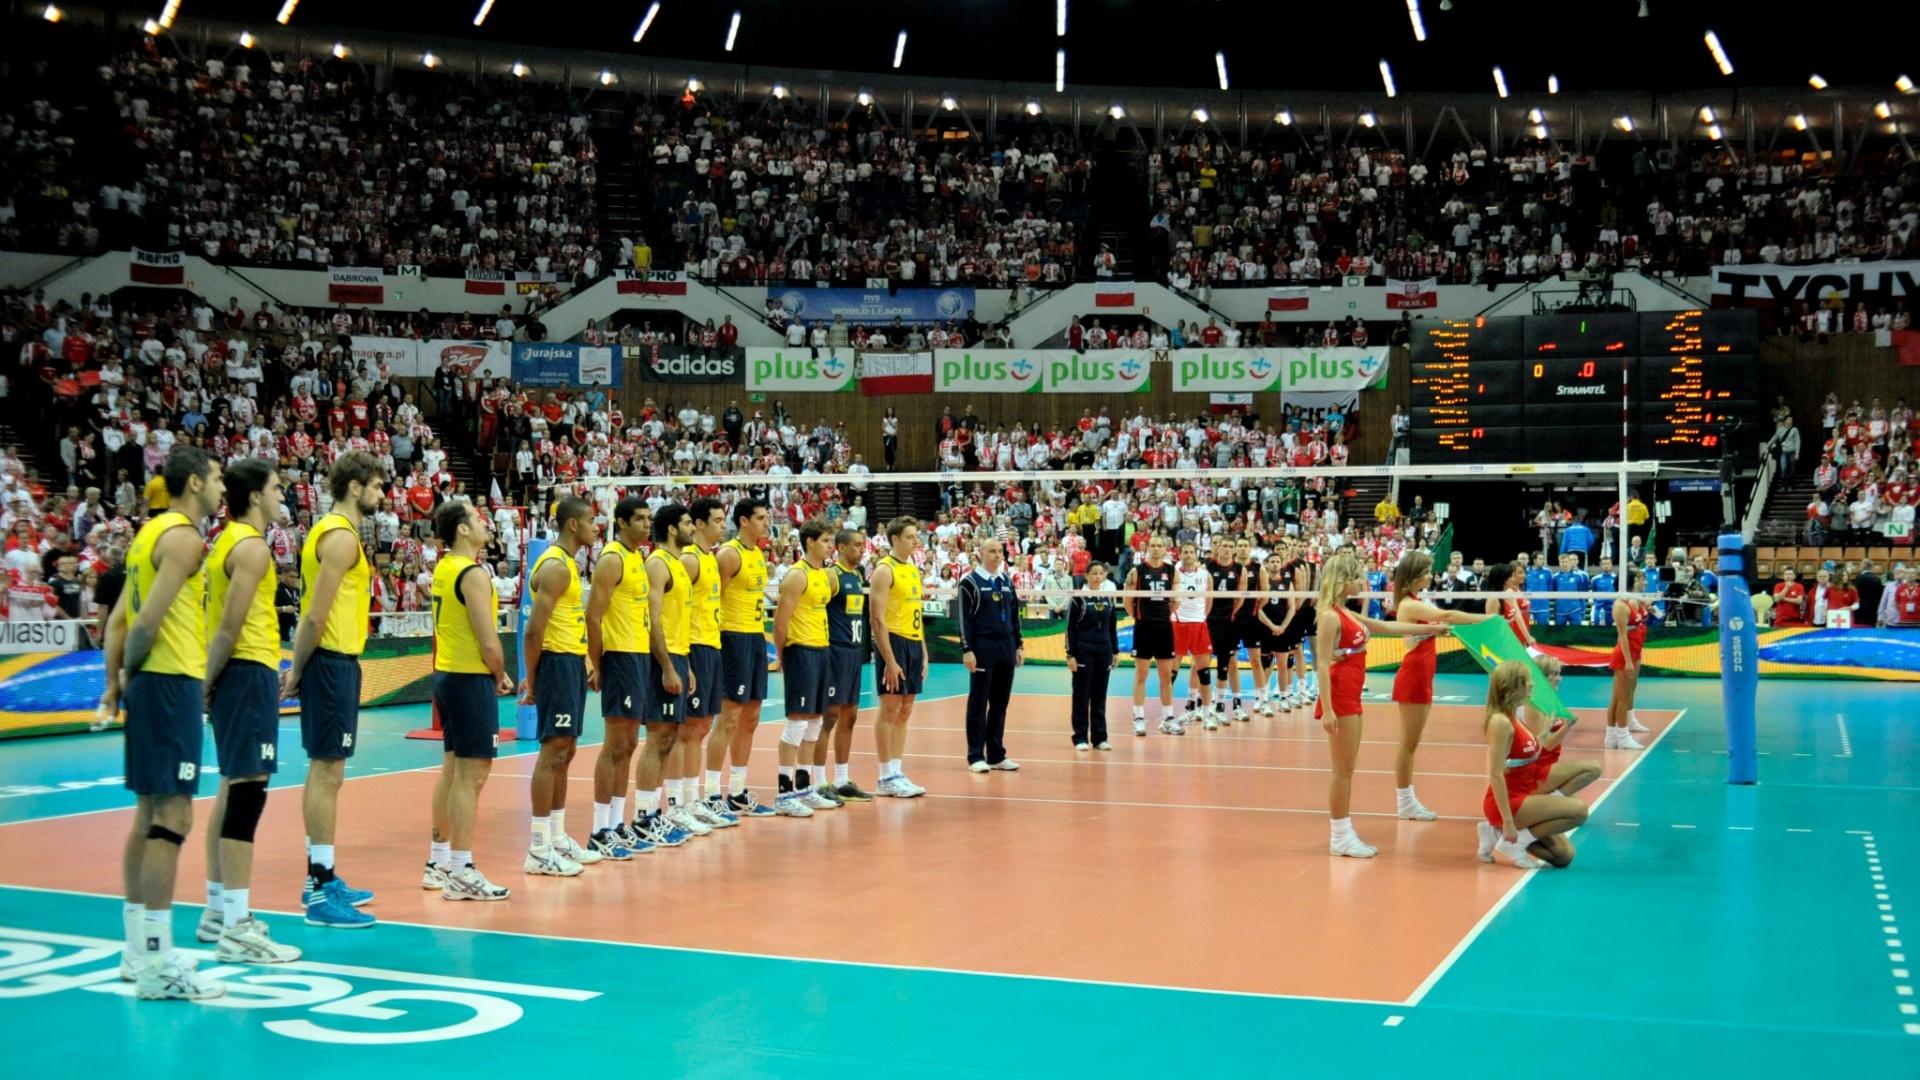 Brasileiros e canadenses perfilados para o hino antes do início de jogo pela Liga Mundial